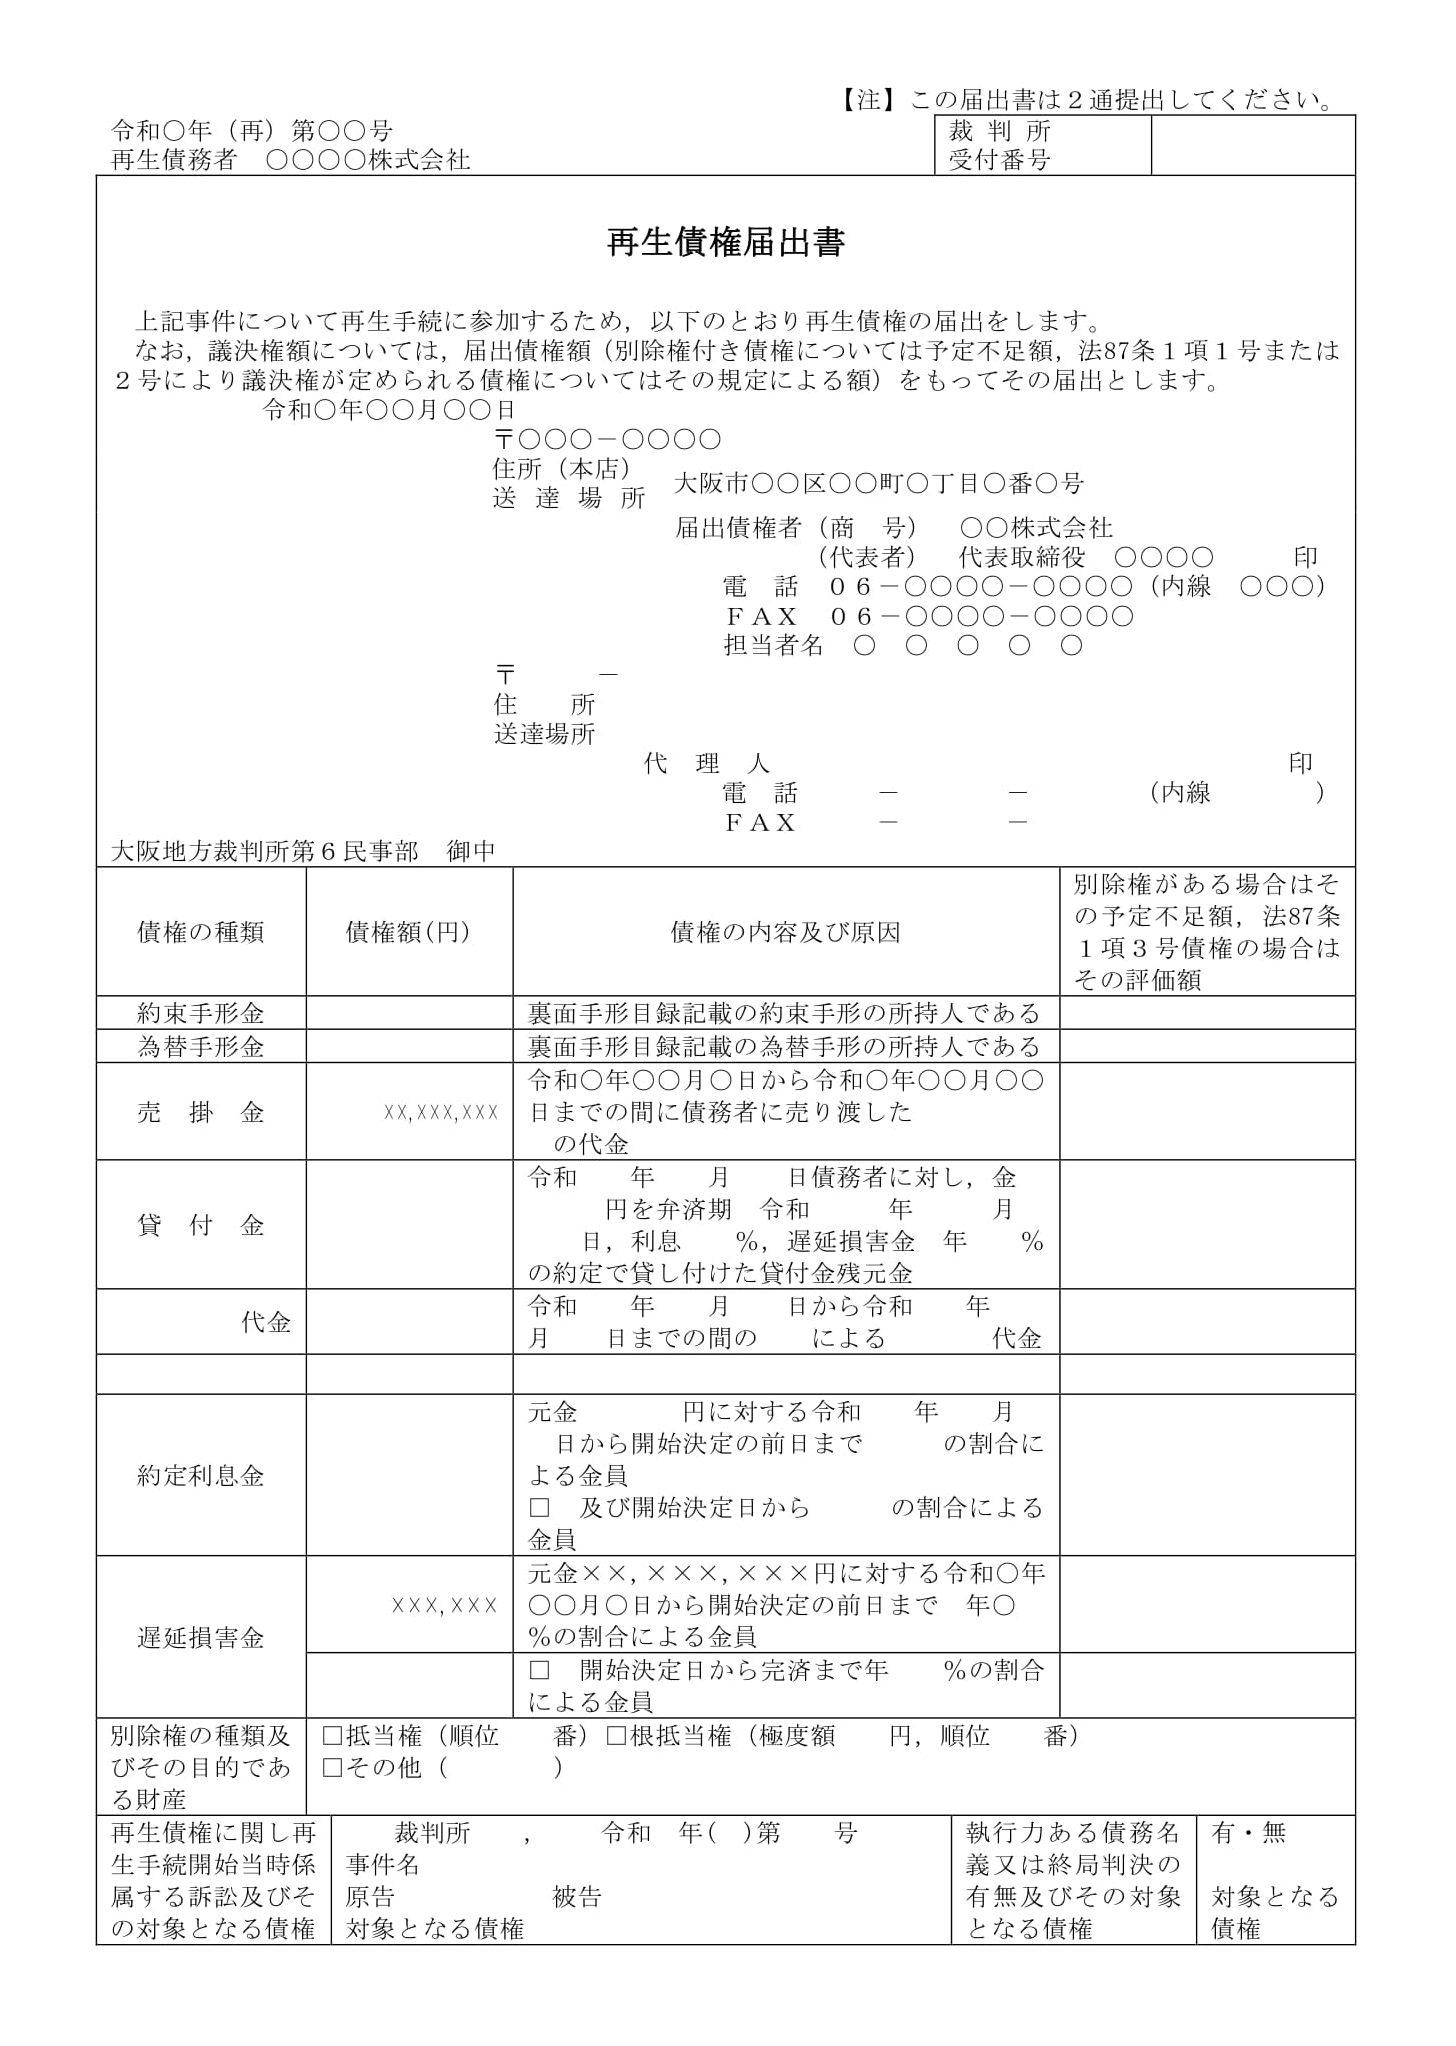 会員登録不要で無料でダウンロードできる再生債権届出書02のテンプレート書式